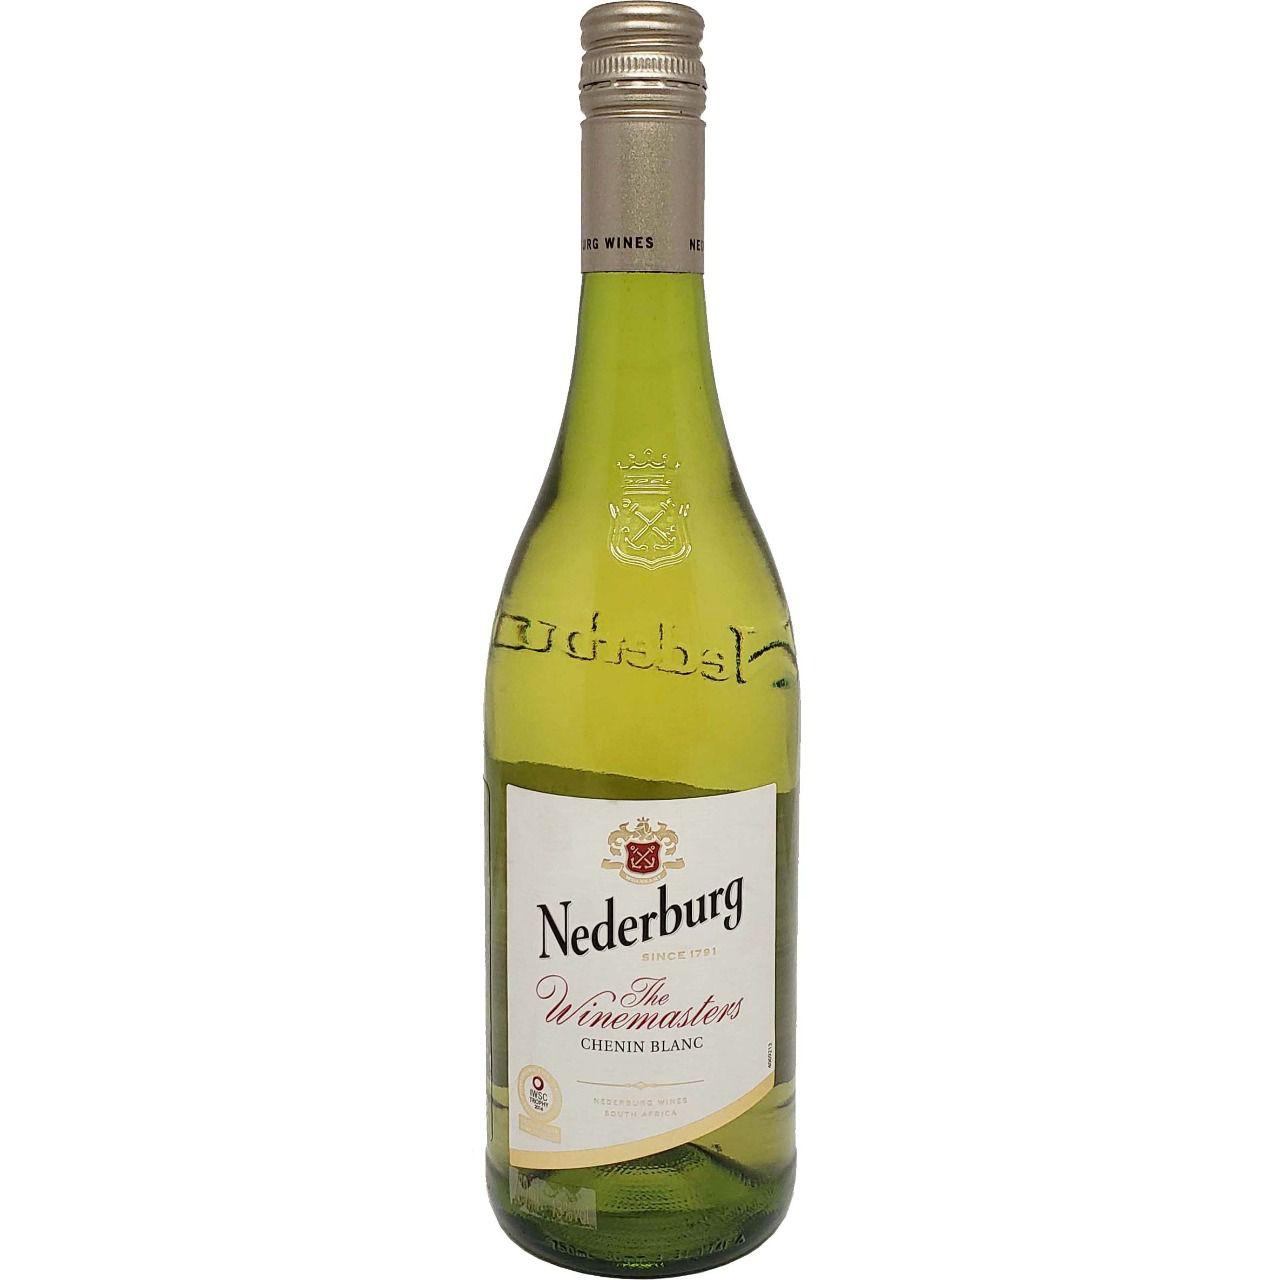 Vinho Branco The Winemasters Chenin Blanc Nederburg - 750ml -